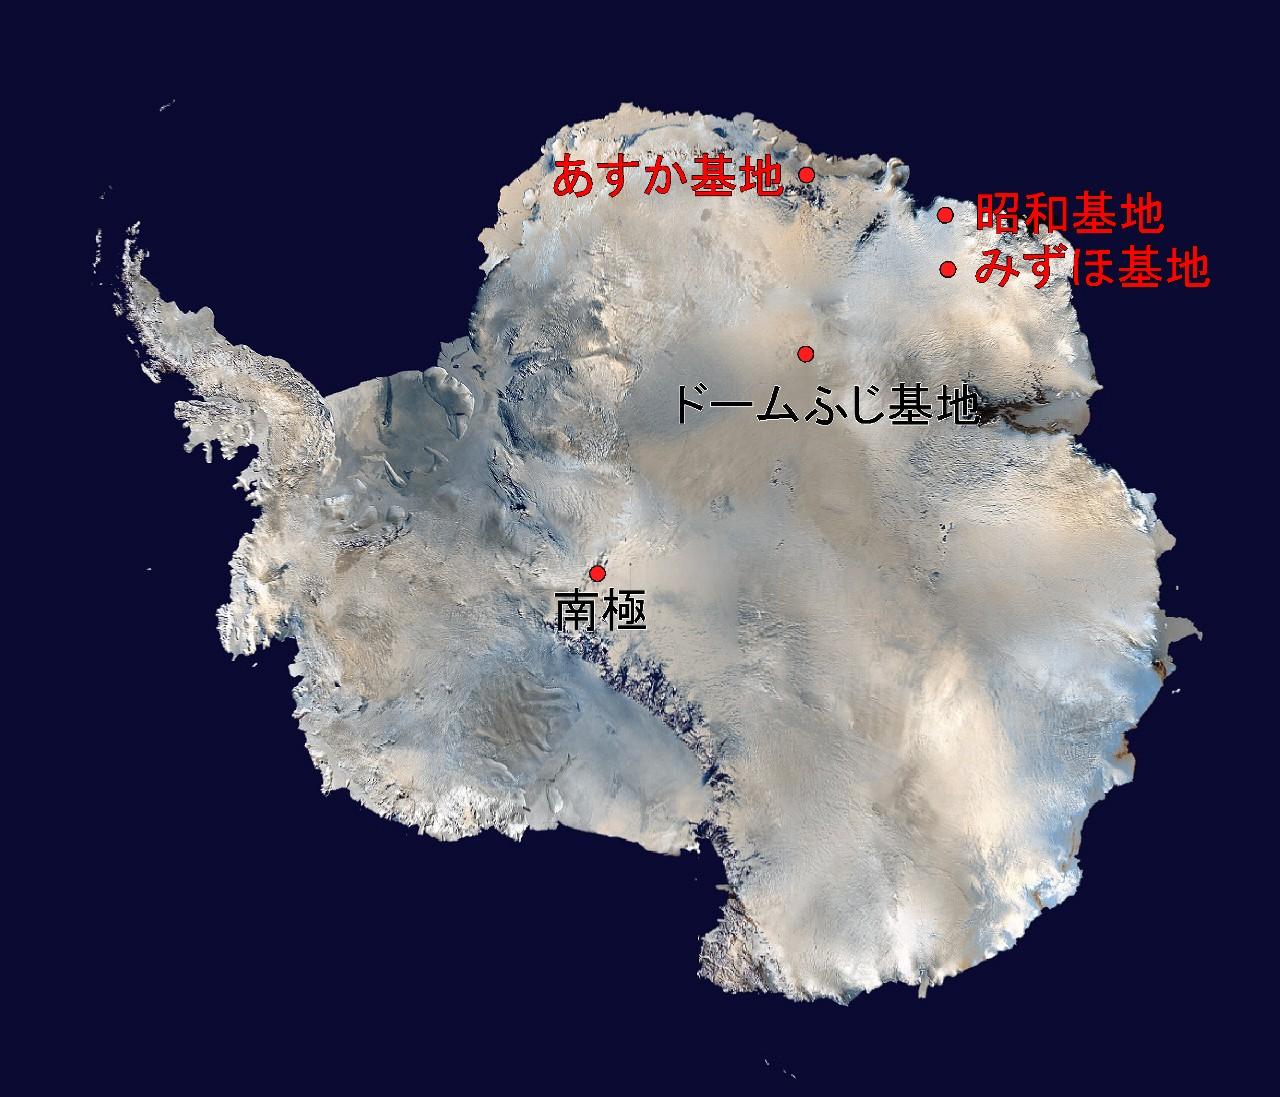 南極にある日本の基地